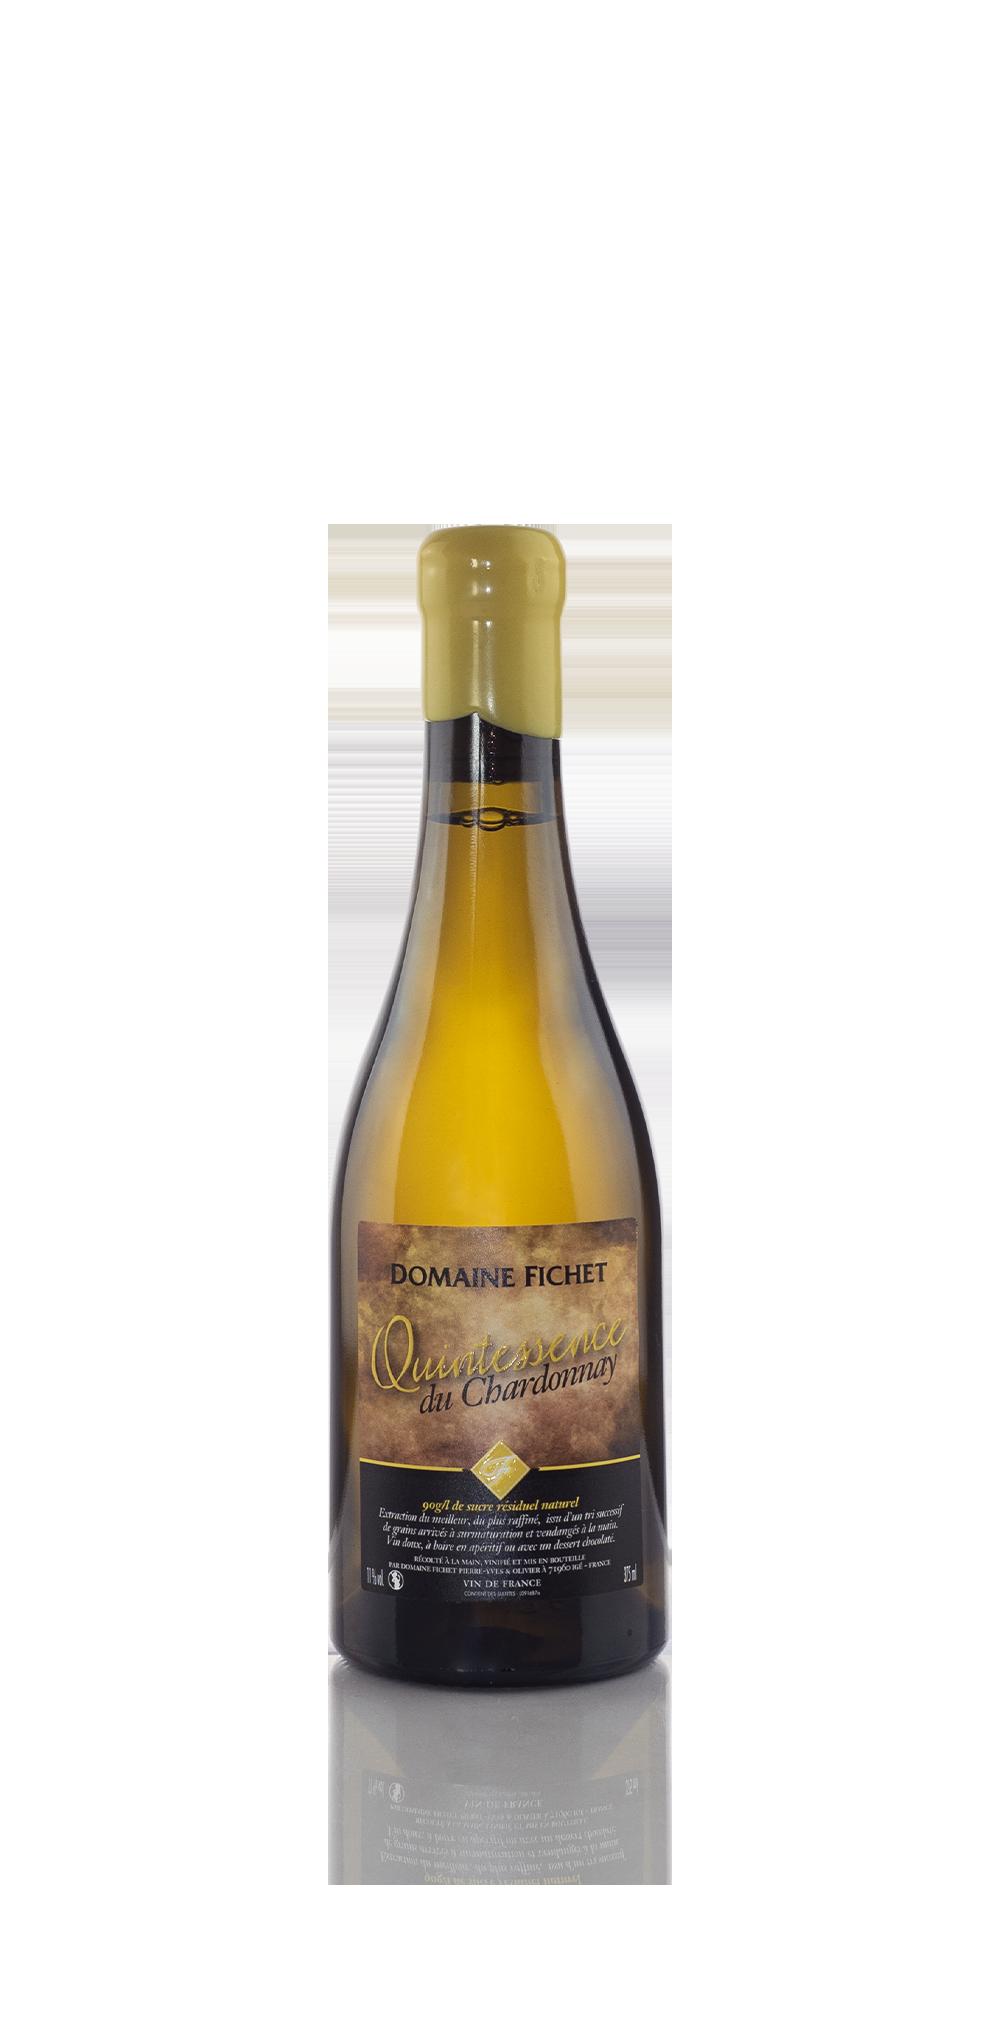 Quintessence du Chardonnay Domaine FICHET